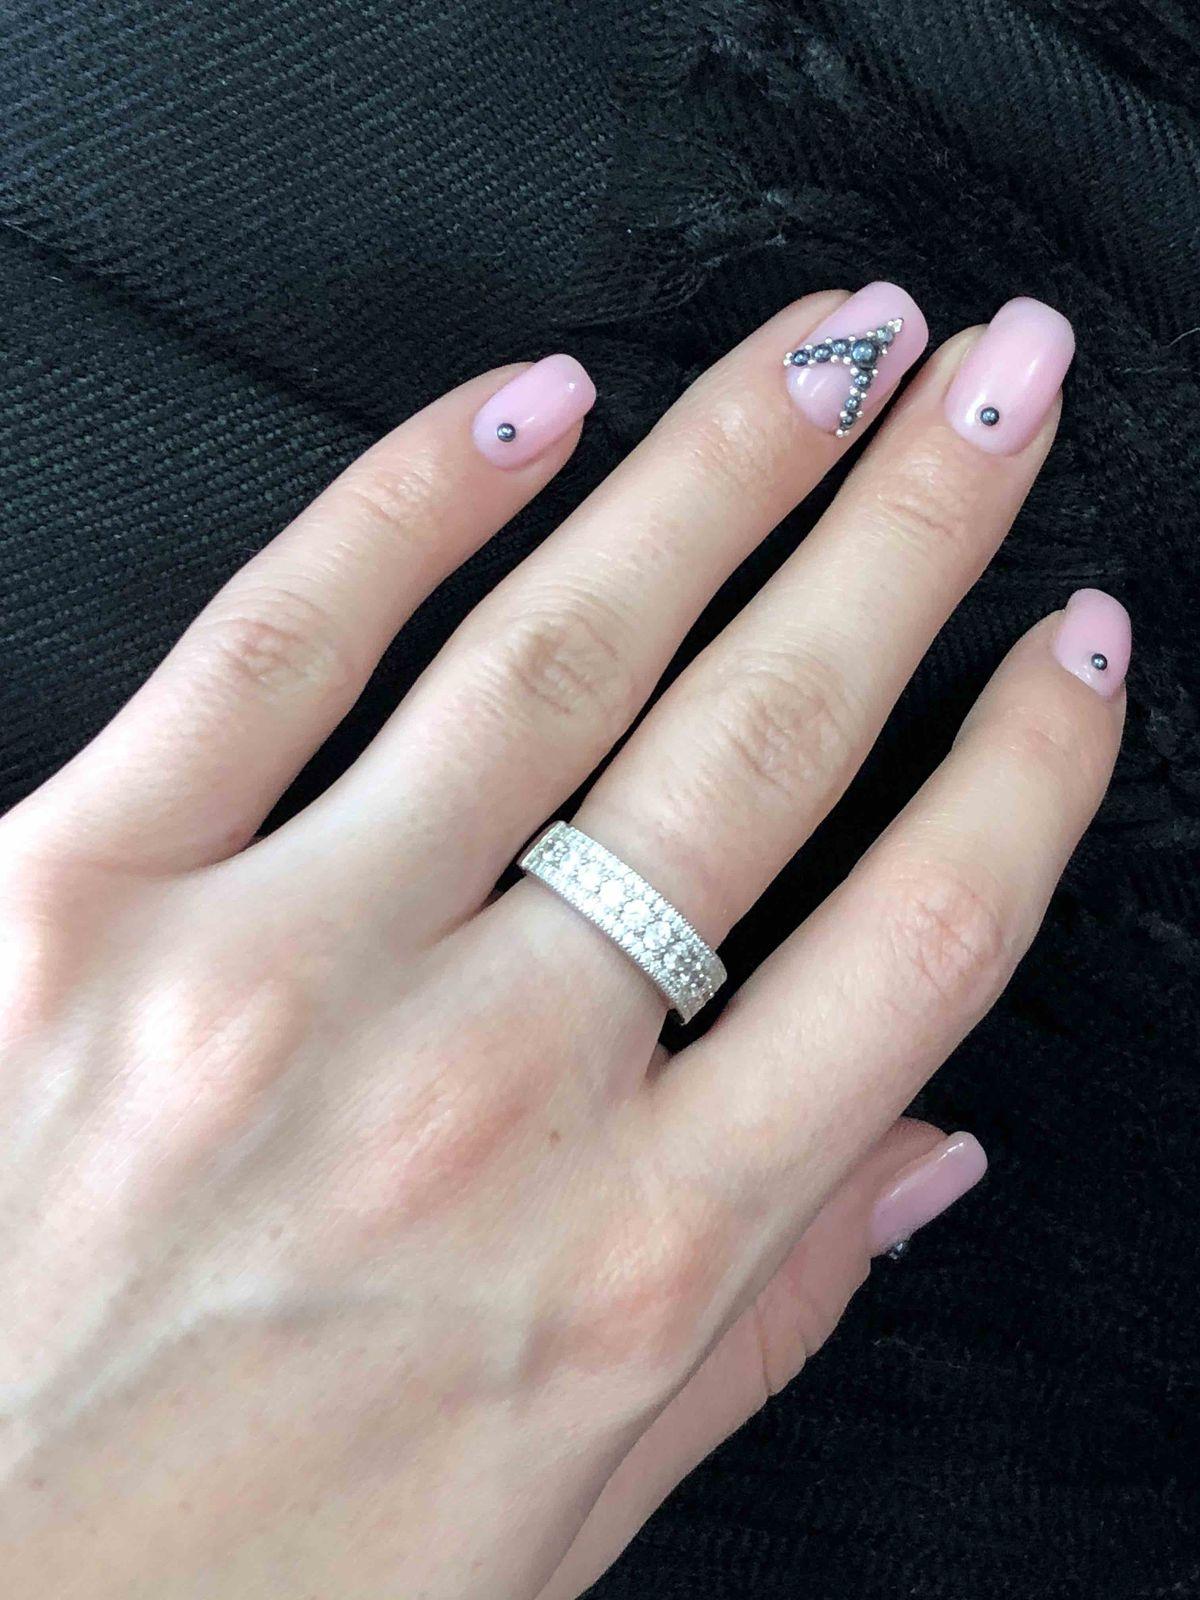 Кольцо хорошо смотрится на руке.